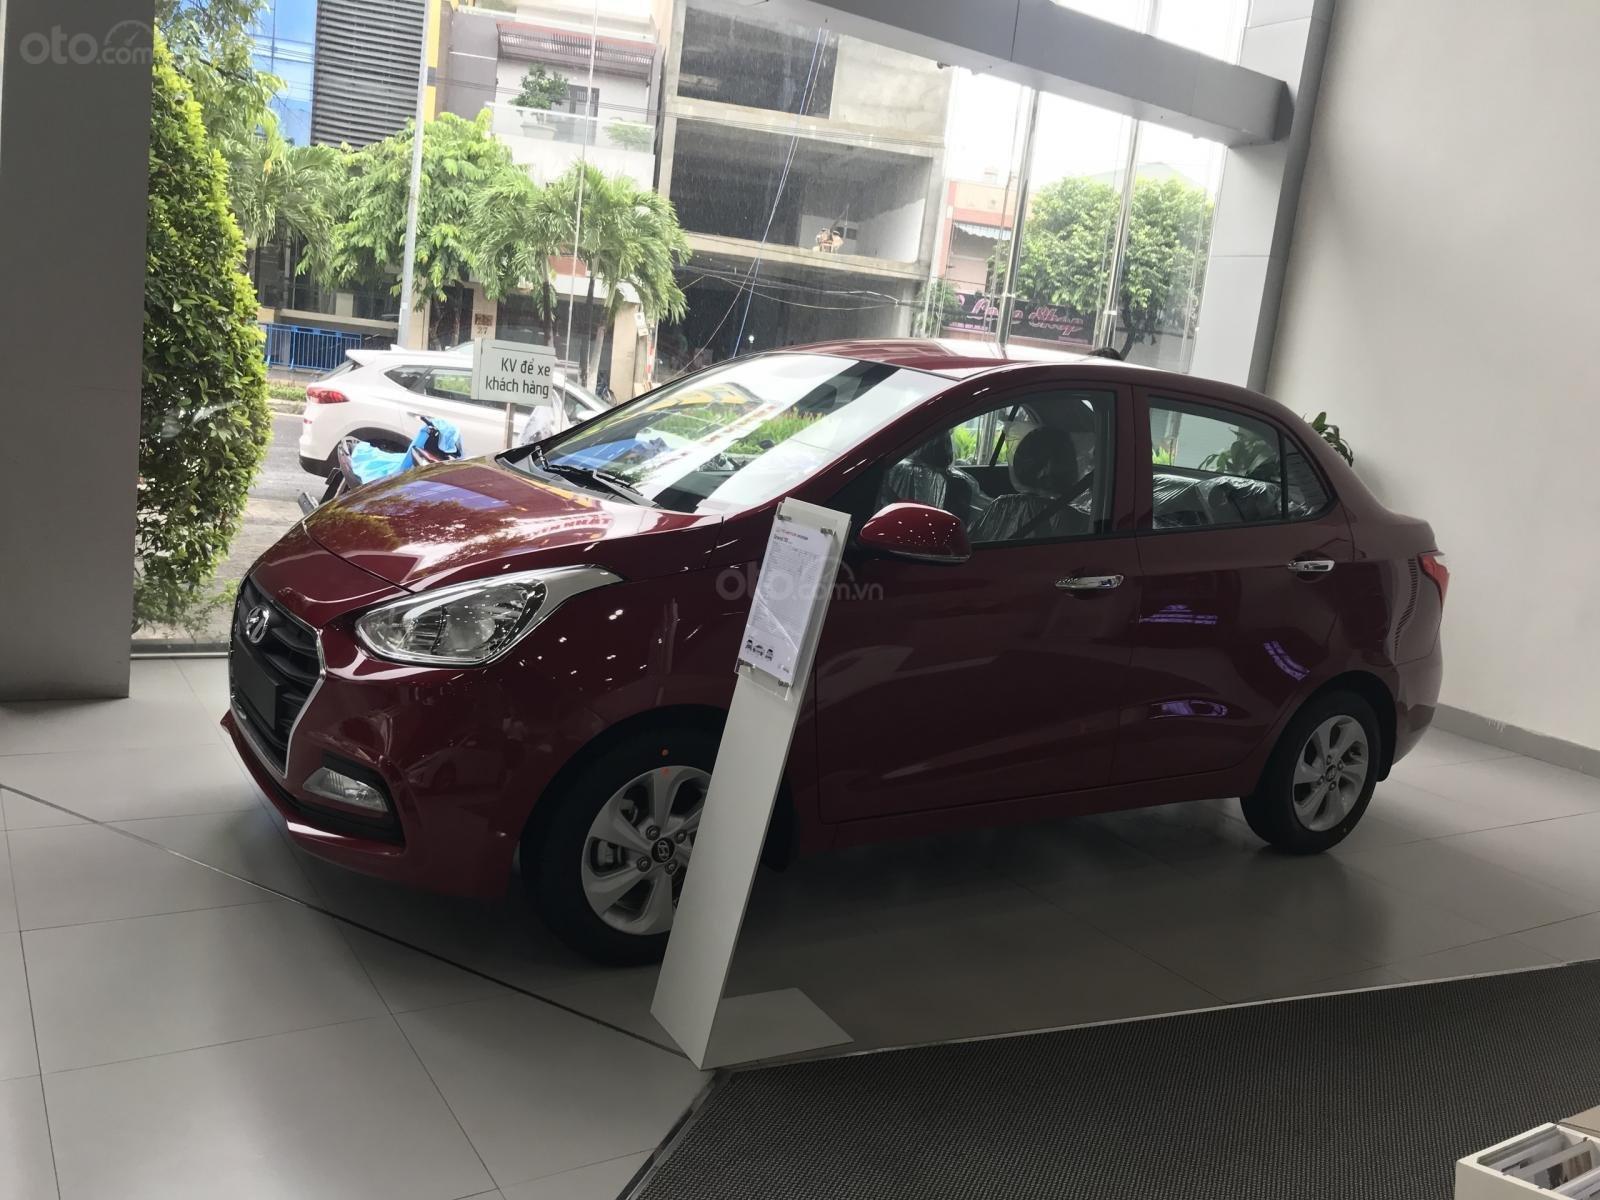 Chỉ 100 triệu, lợi xăng grab số 1 với Hyundai i10, hotline: 0974064605 (1)